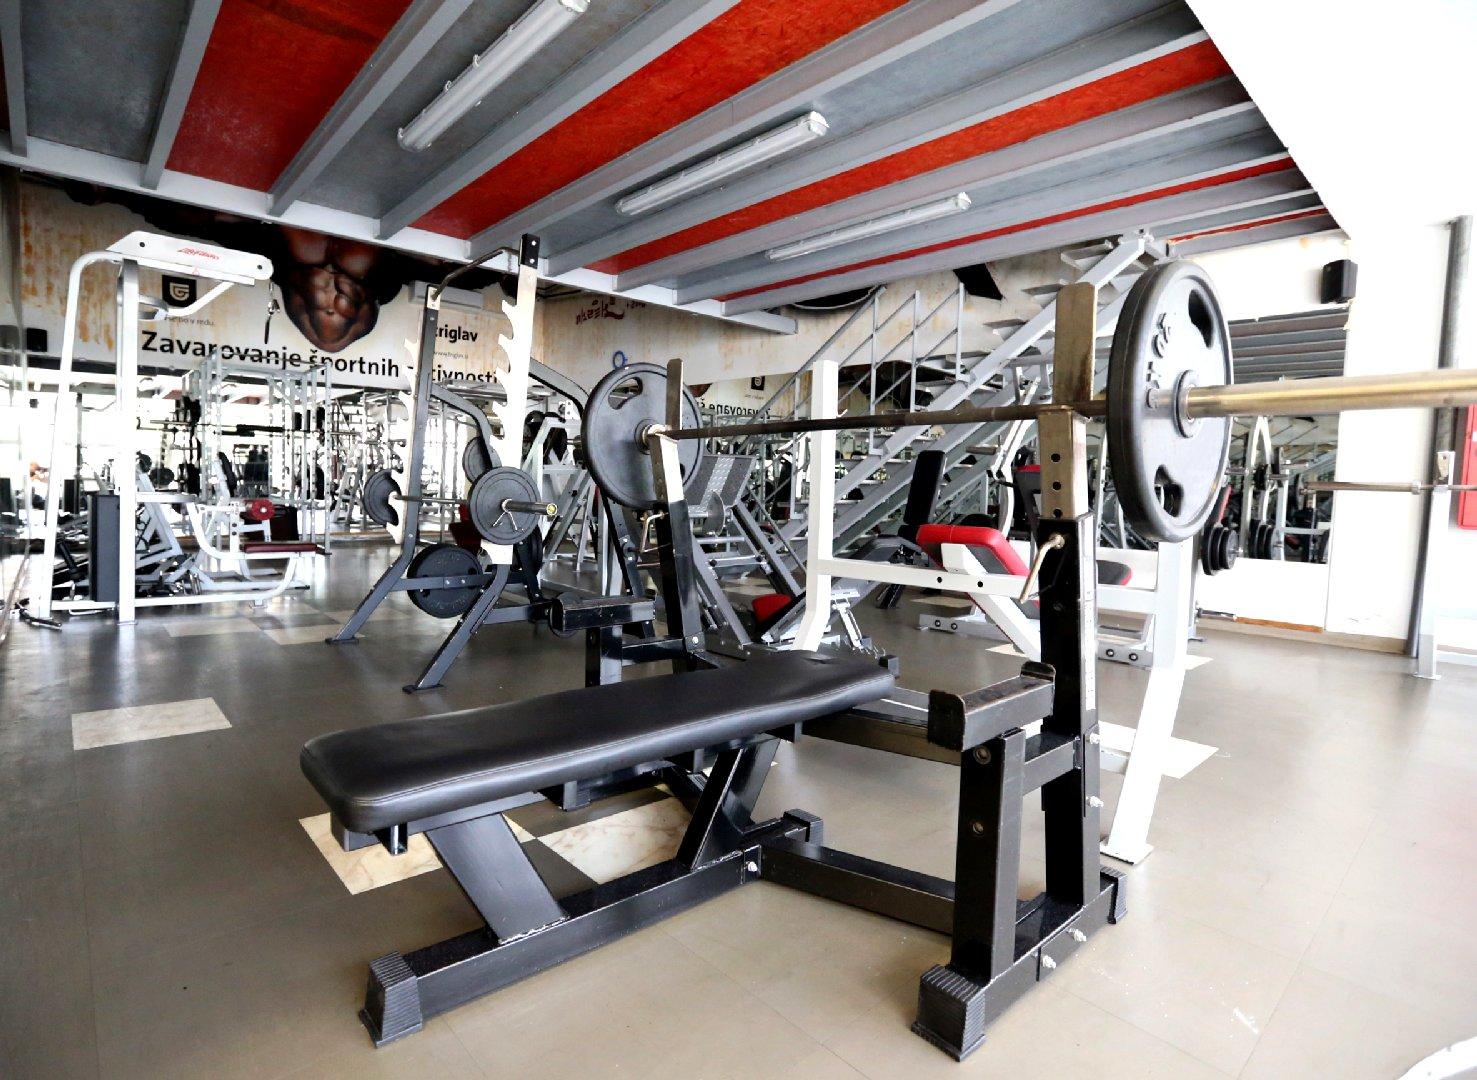 fitnes-center-ljubljana-BIT-EZ5P3866